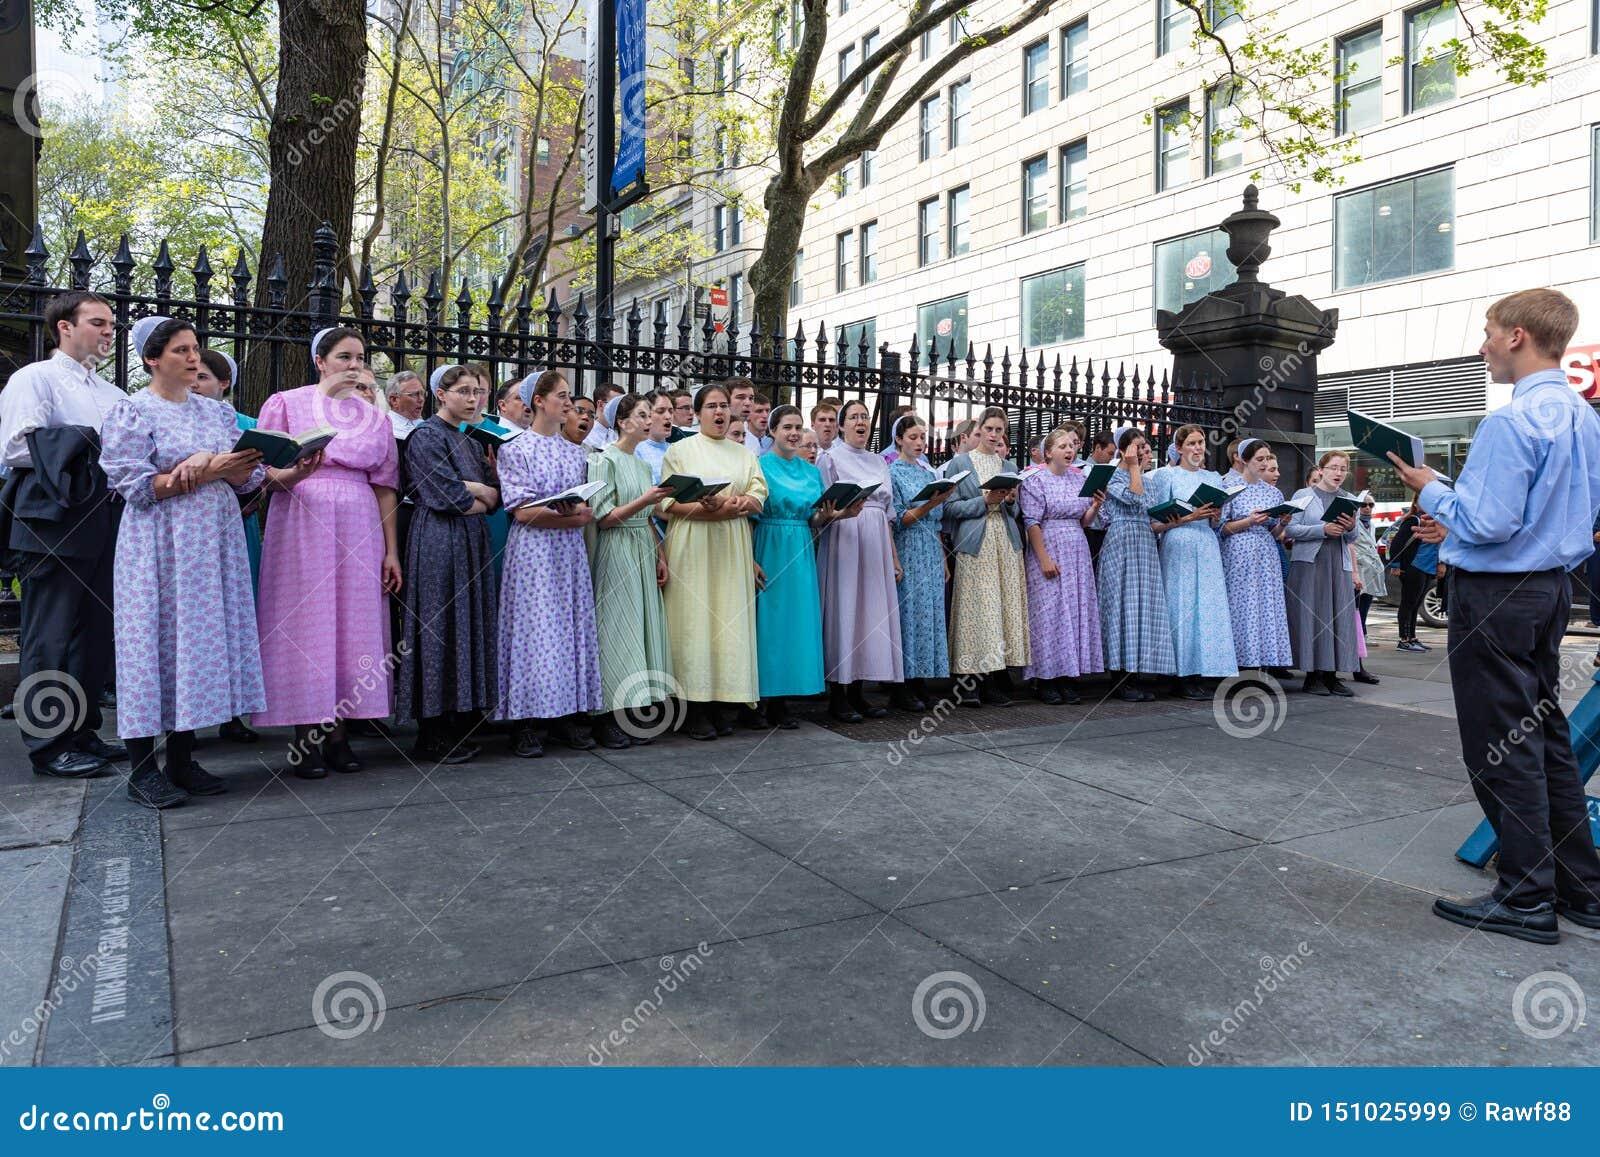 New York, groupe de personnes chantant dehors sur la rue